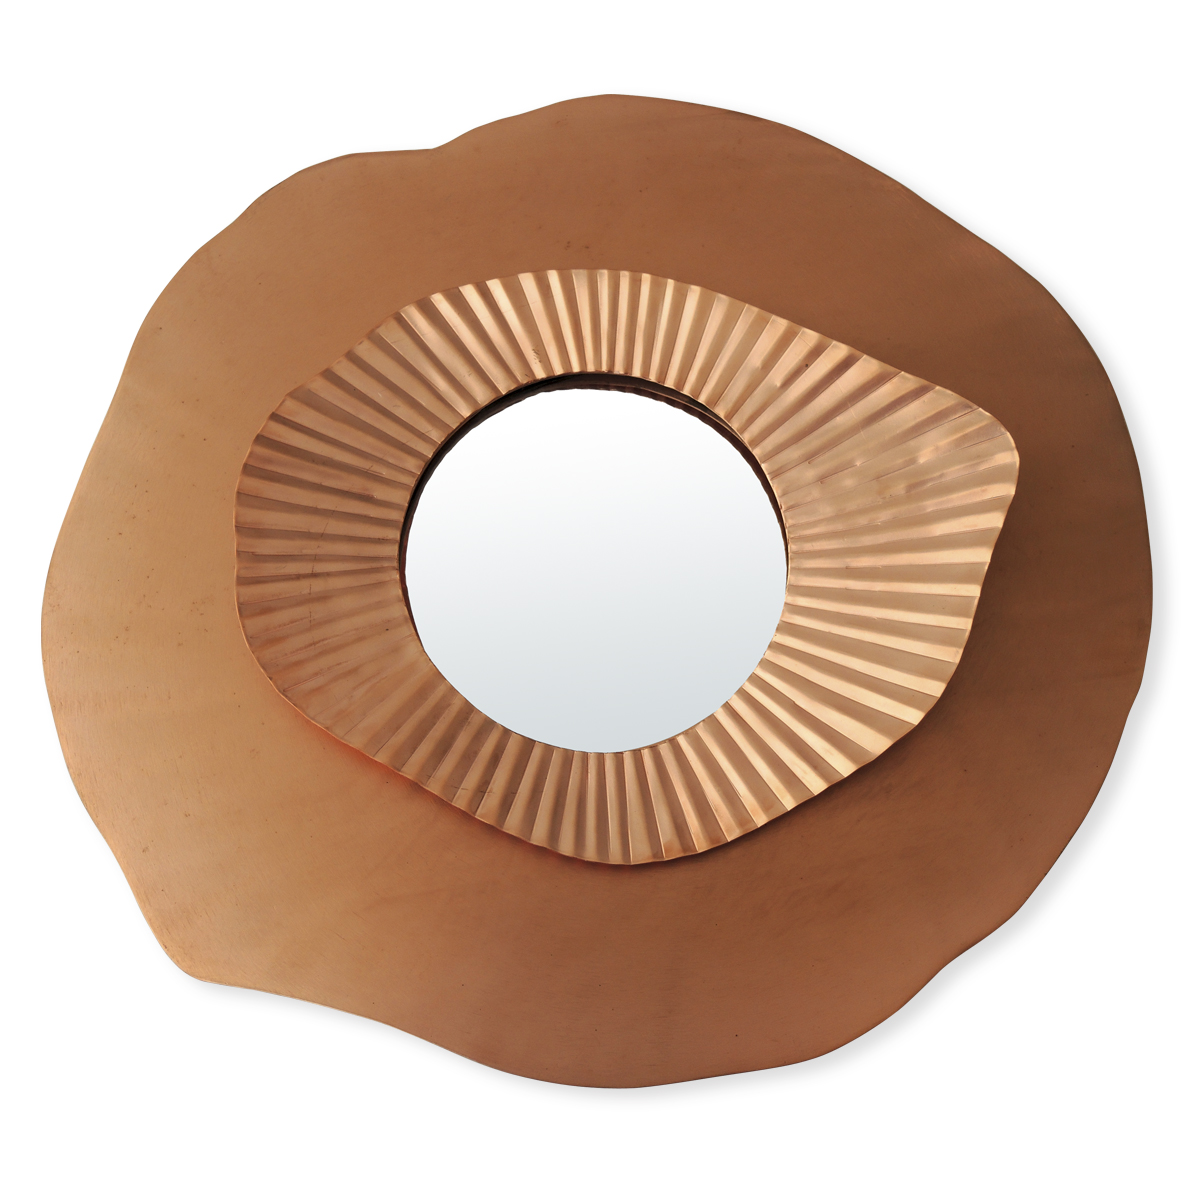 miroir en forme de fleur cuivre bruno evrard. Black Bedroom Furniture Sets. Home Design Ideas